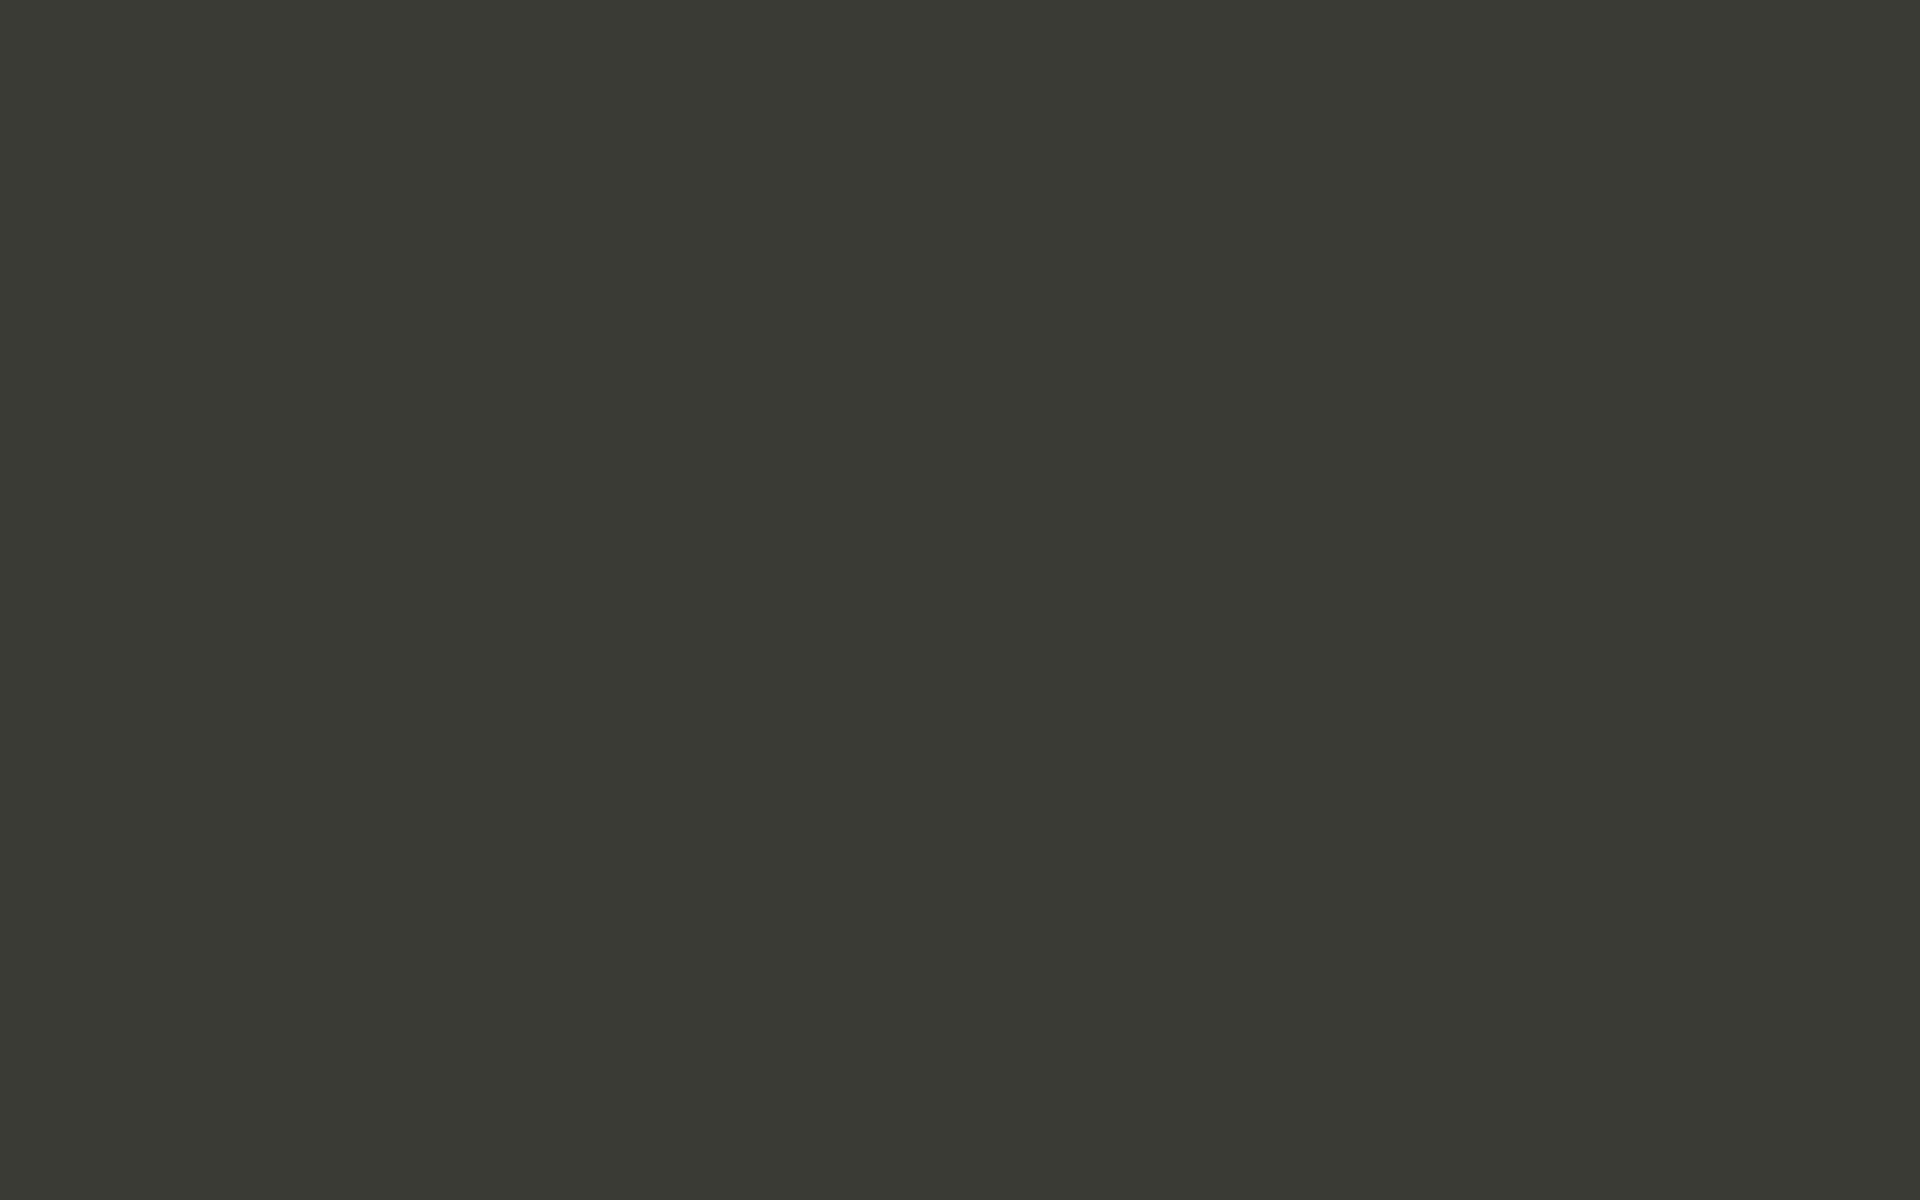 1920x1200 Black Olive Solid Color Background